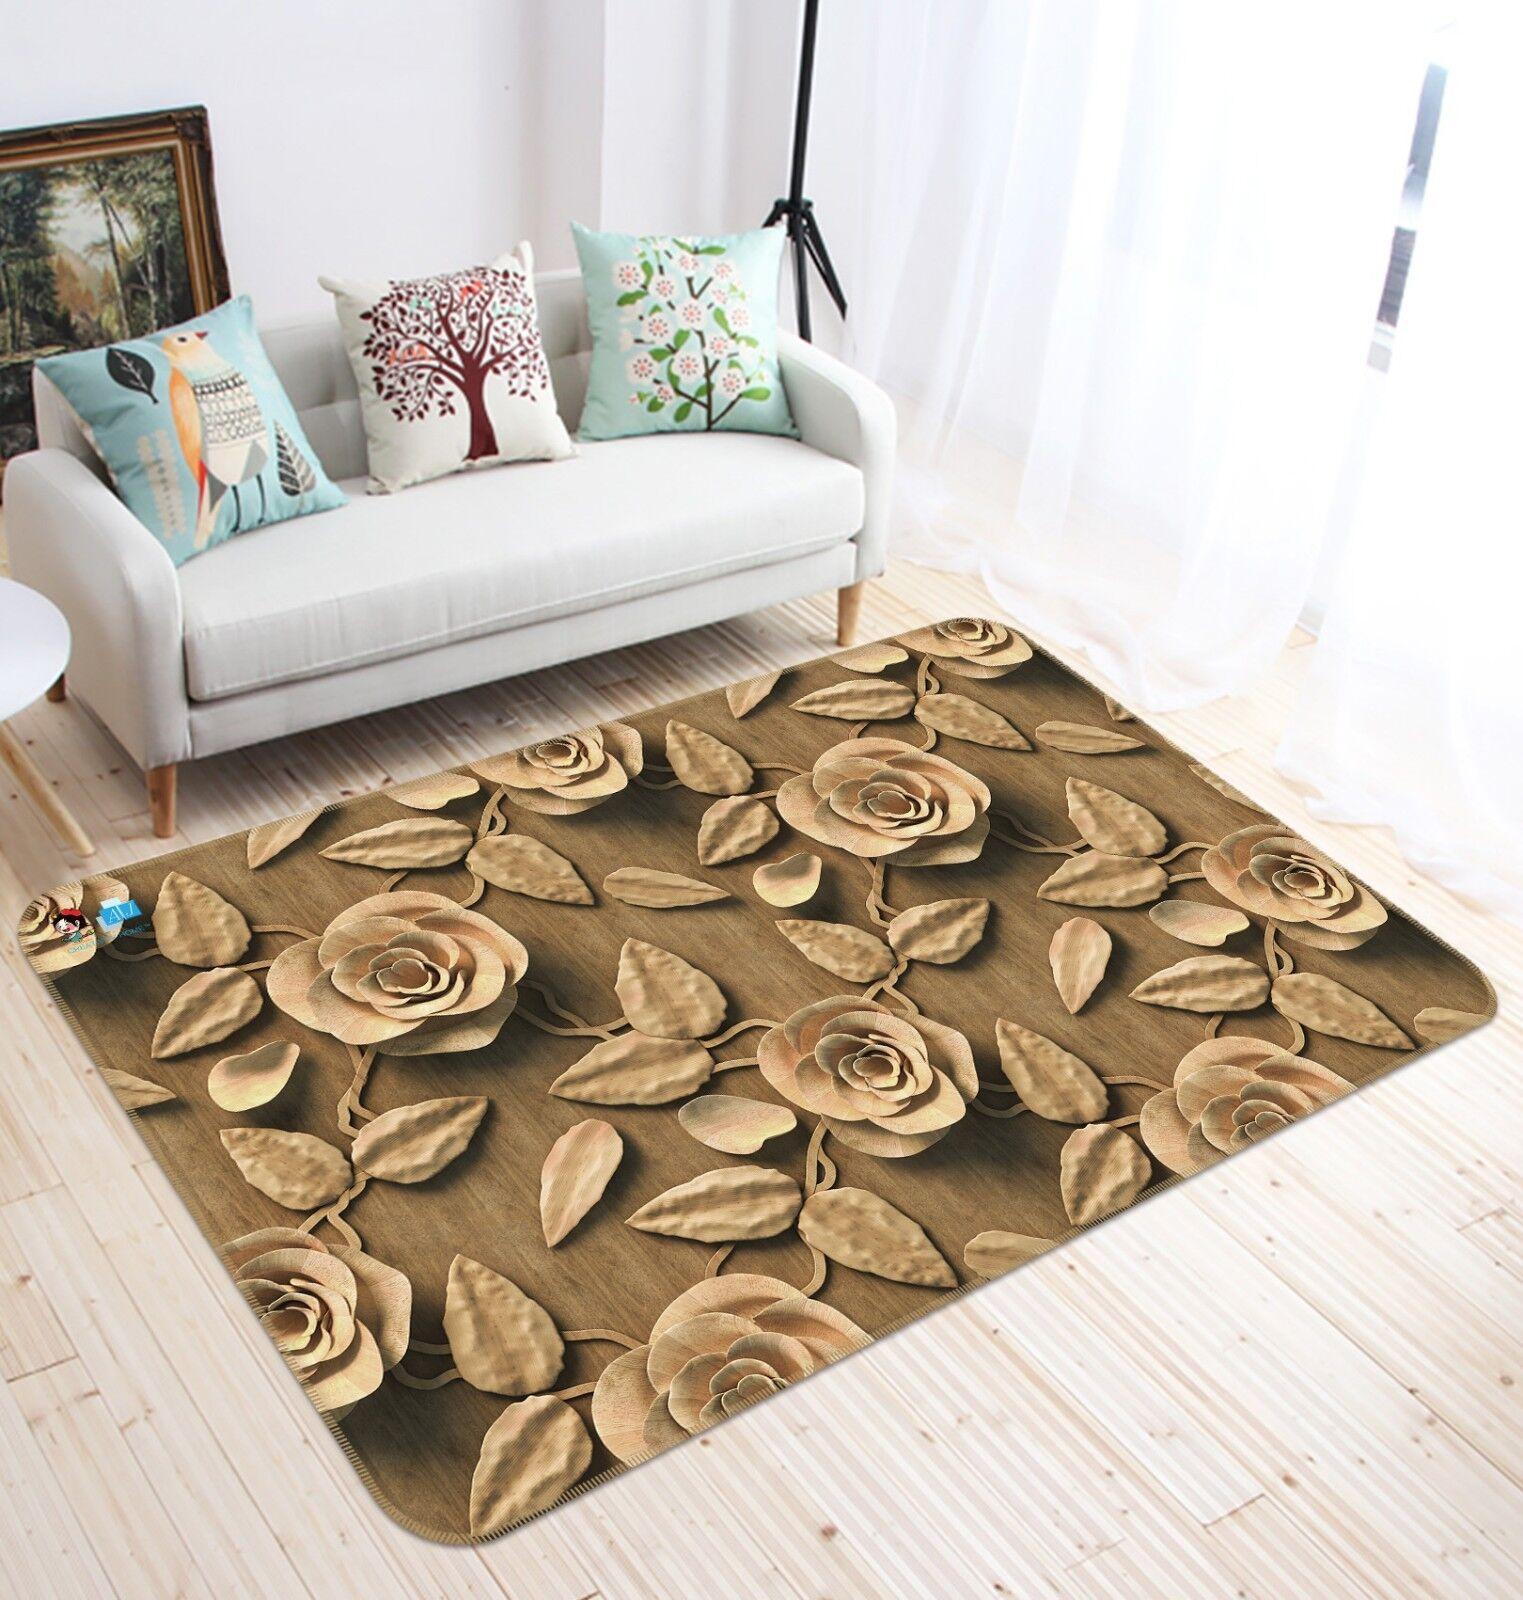 3d Retro Fiore immagine 9 antiscivolo tappeto tappetino bagagliaio tappeto elegante de